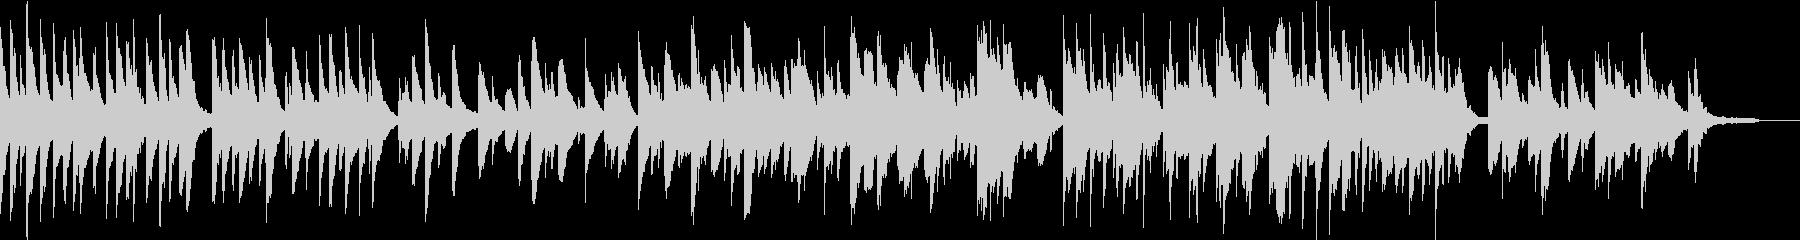 ピアノソロ アンビエント 深呼吸の未再生の波形